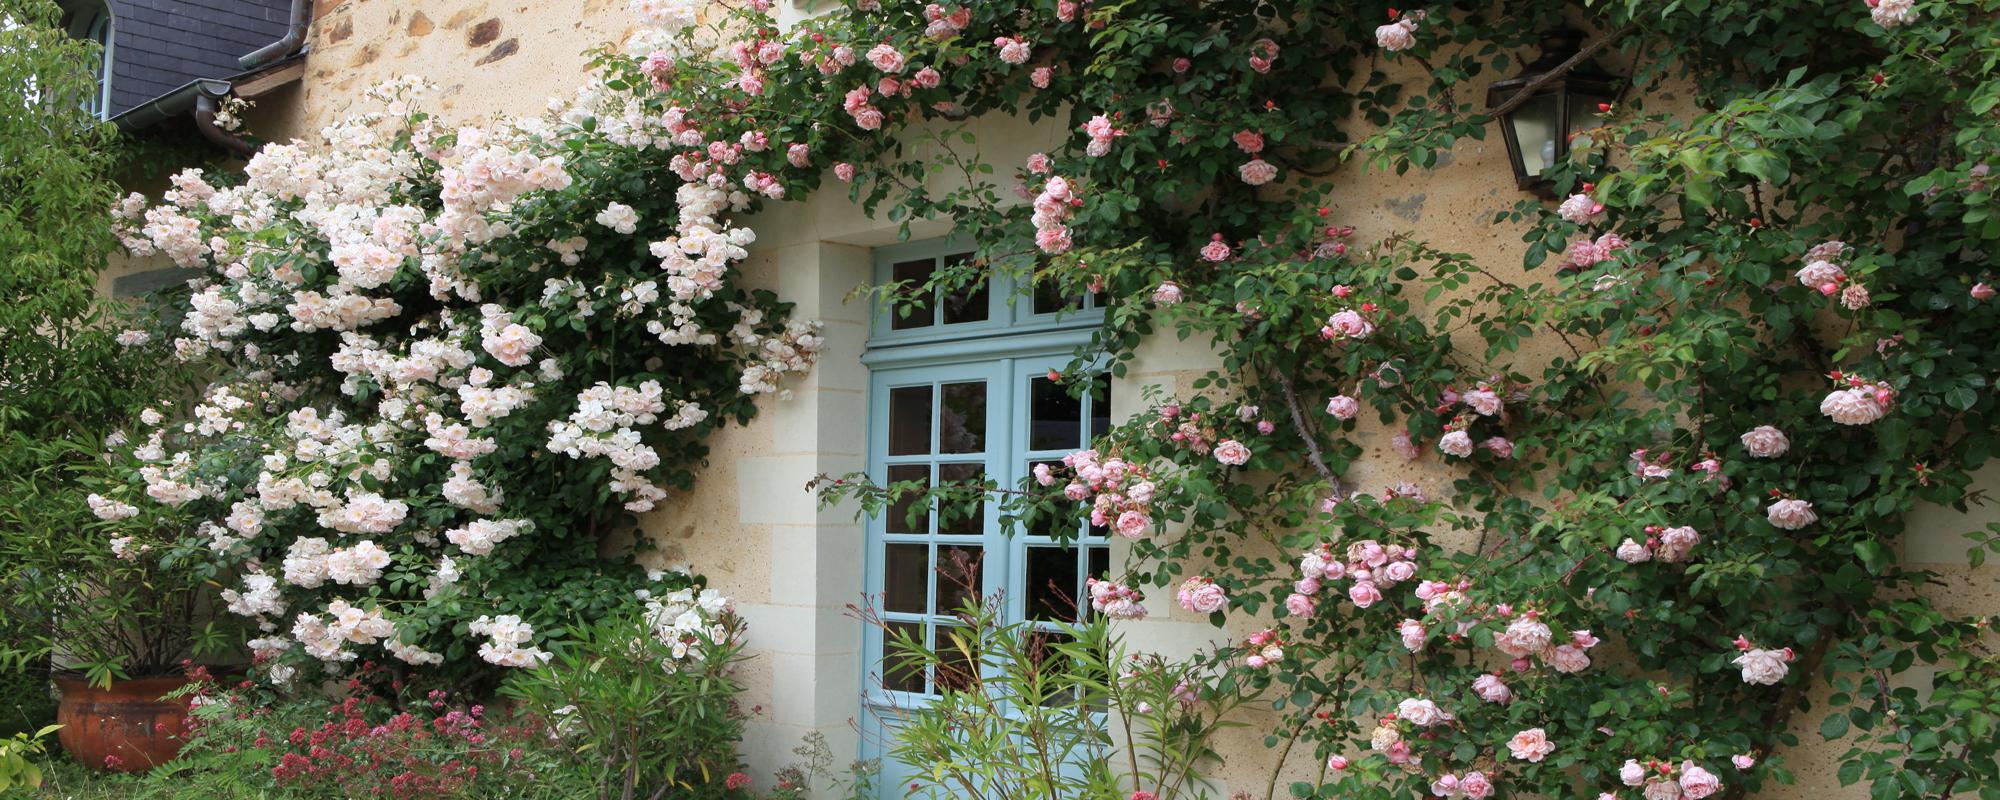 Passion de roses